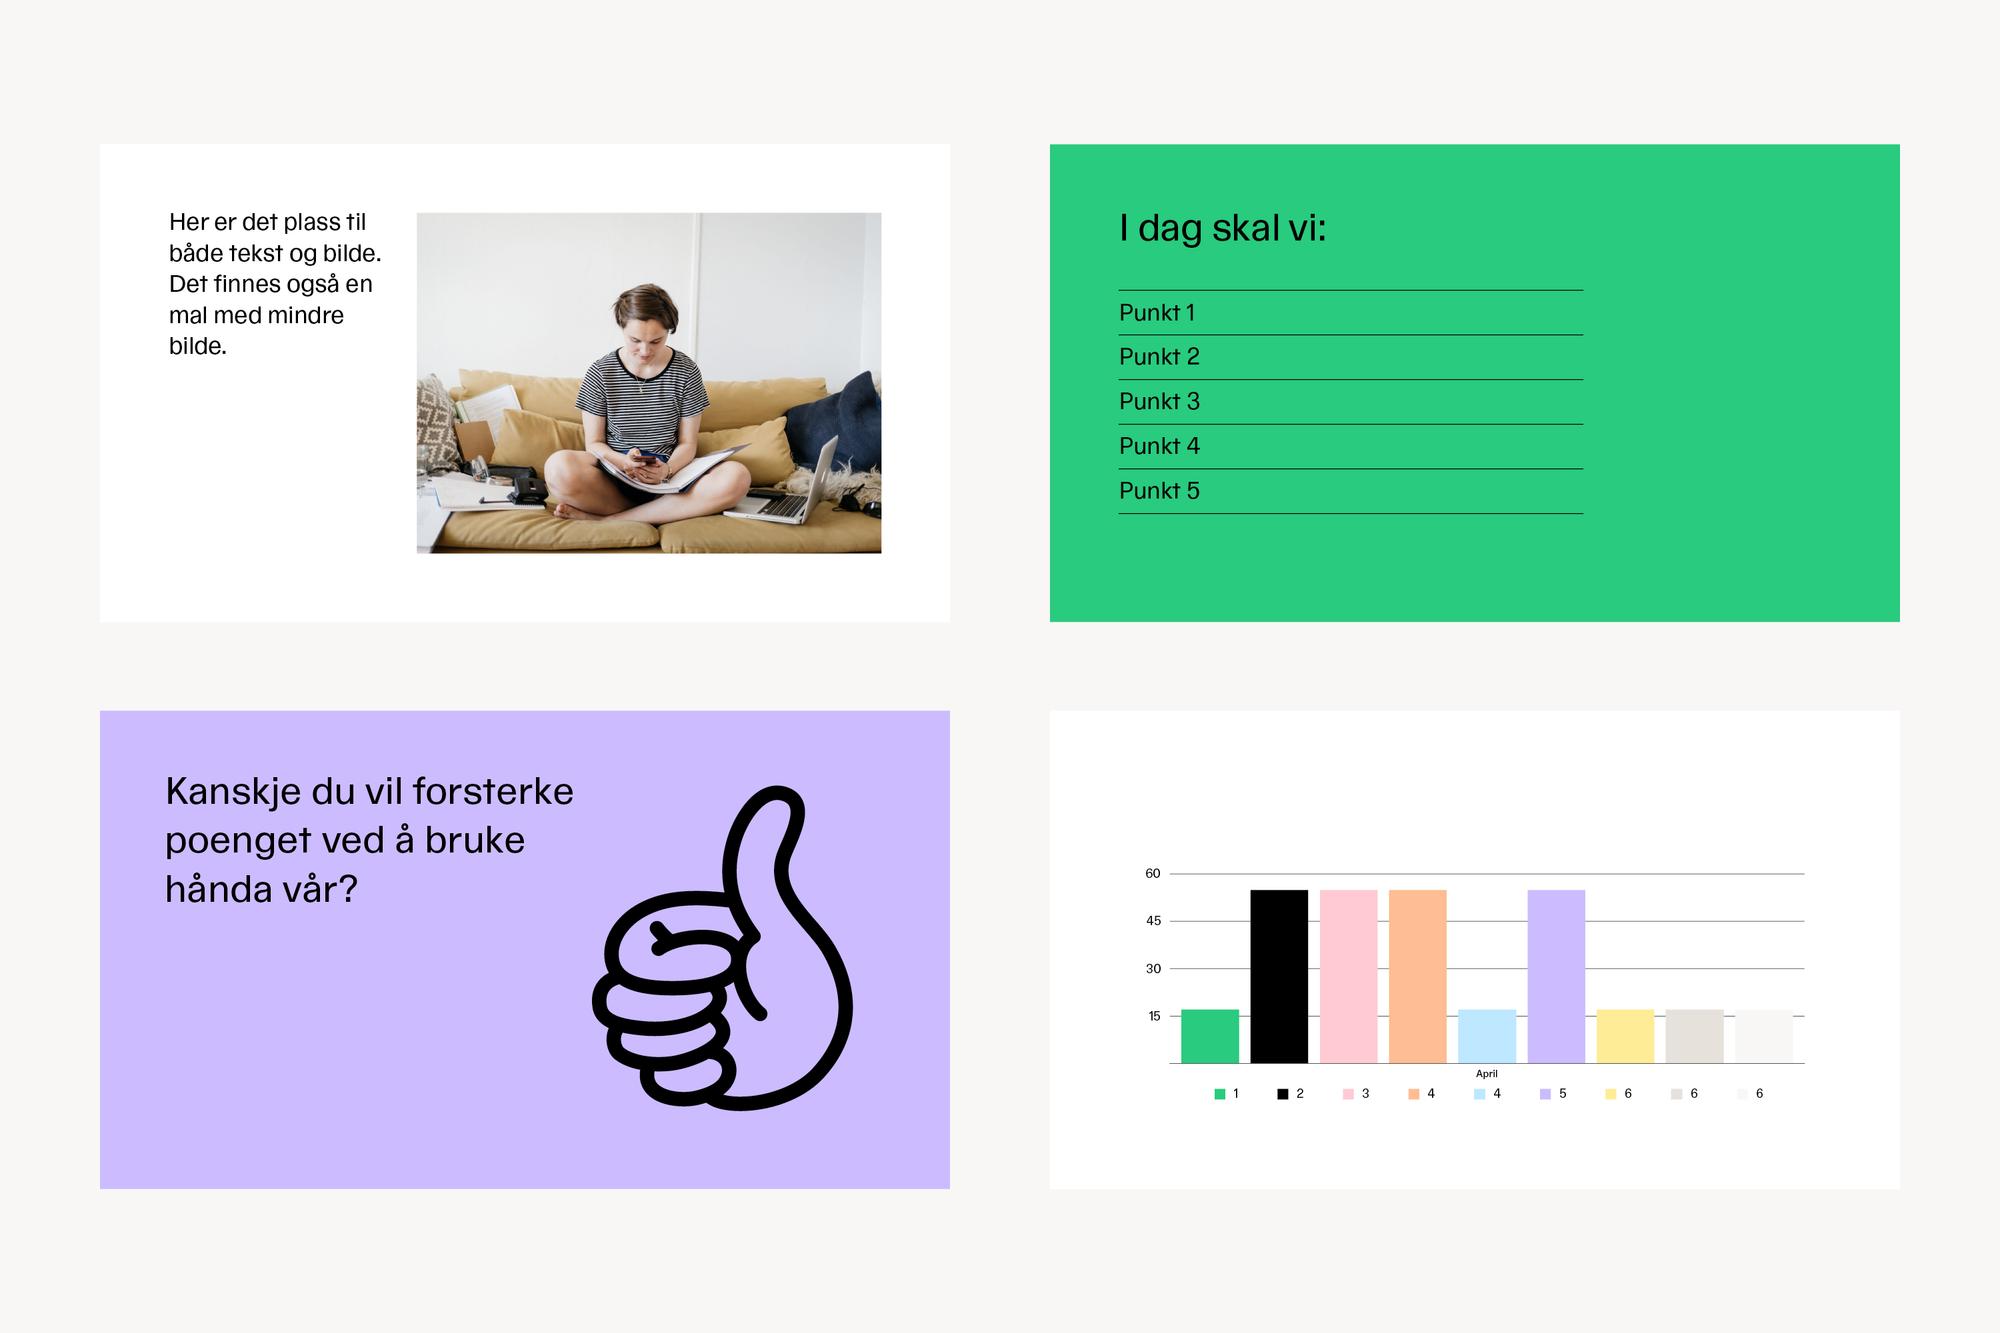 Fire eksmepler på fargebruk, bildebruk og illustrasjoner